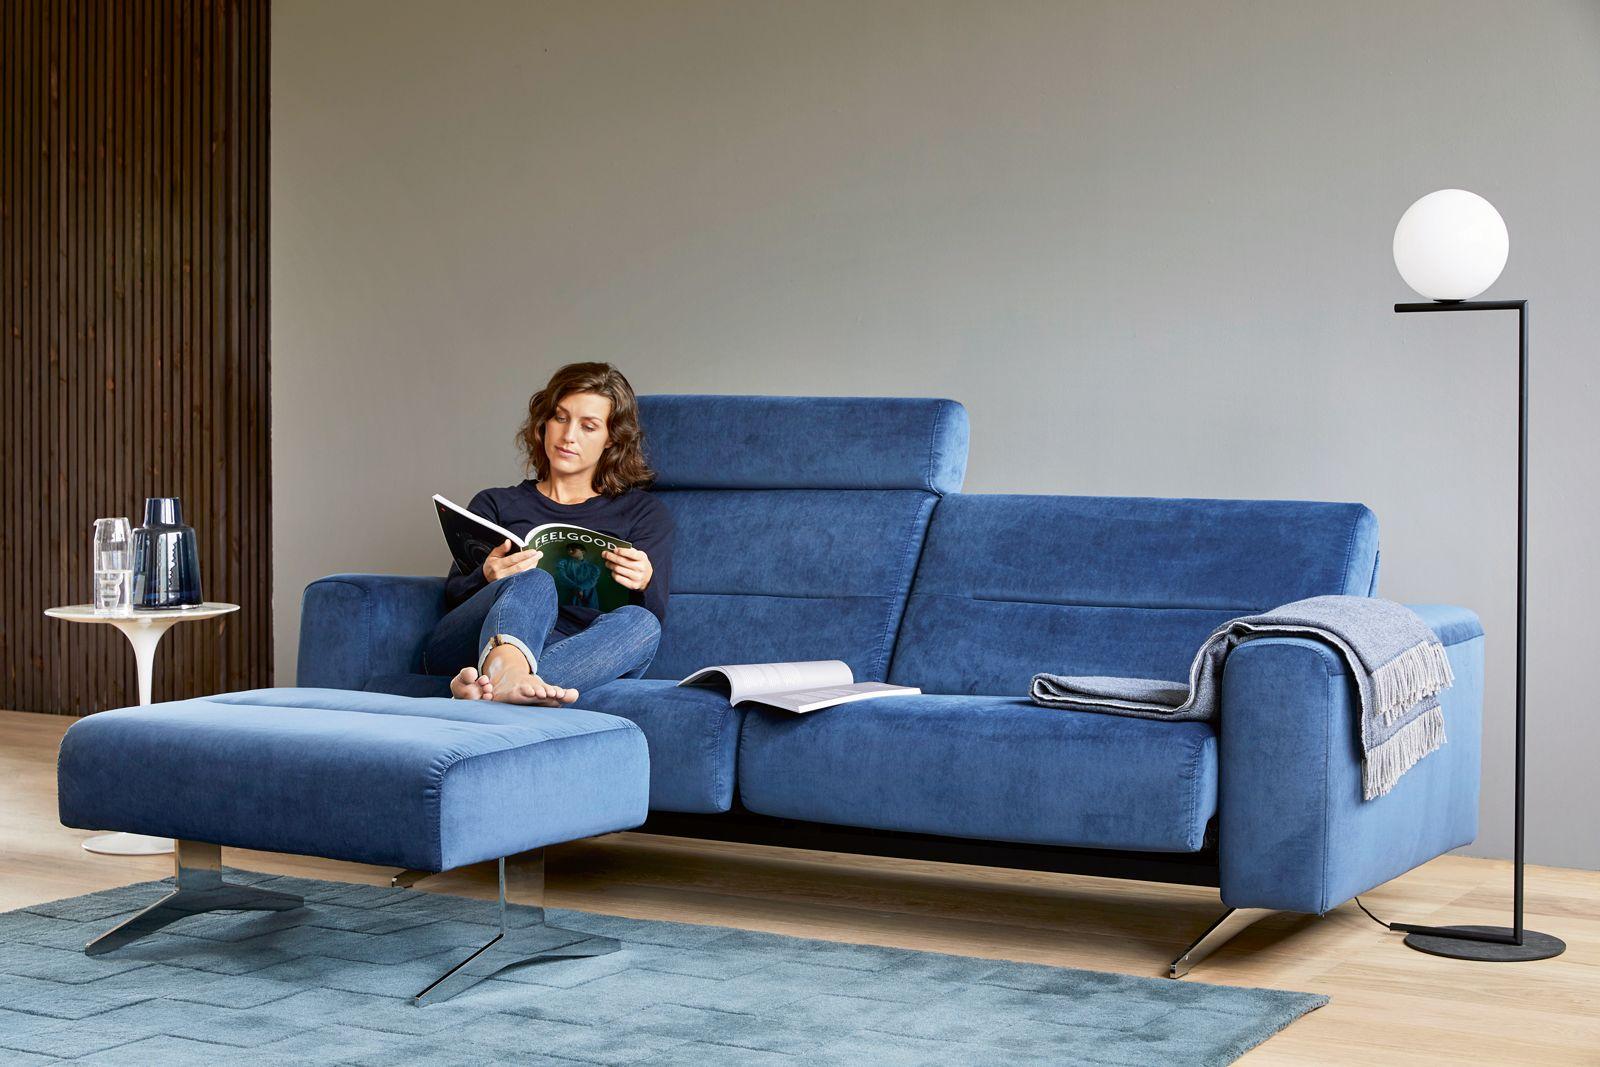 Sitzmobel Stressless Sofa Mit Relaxfunktion Fur Ergonomisches Sitzen